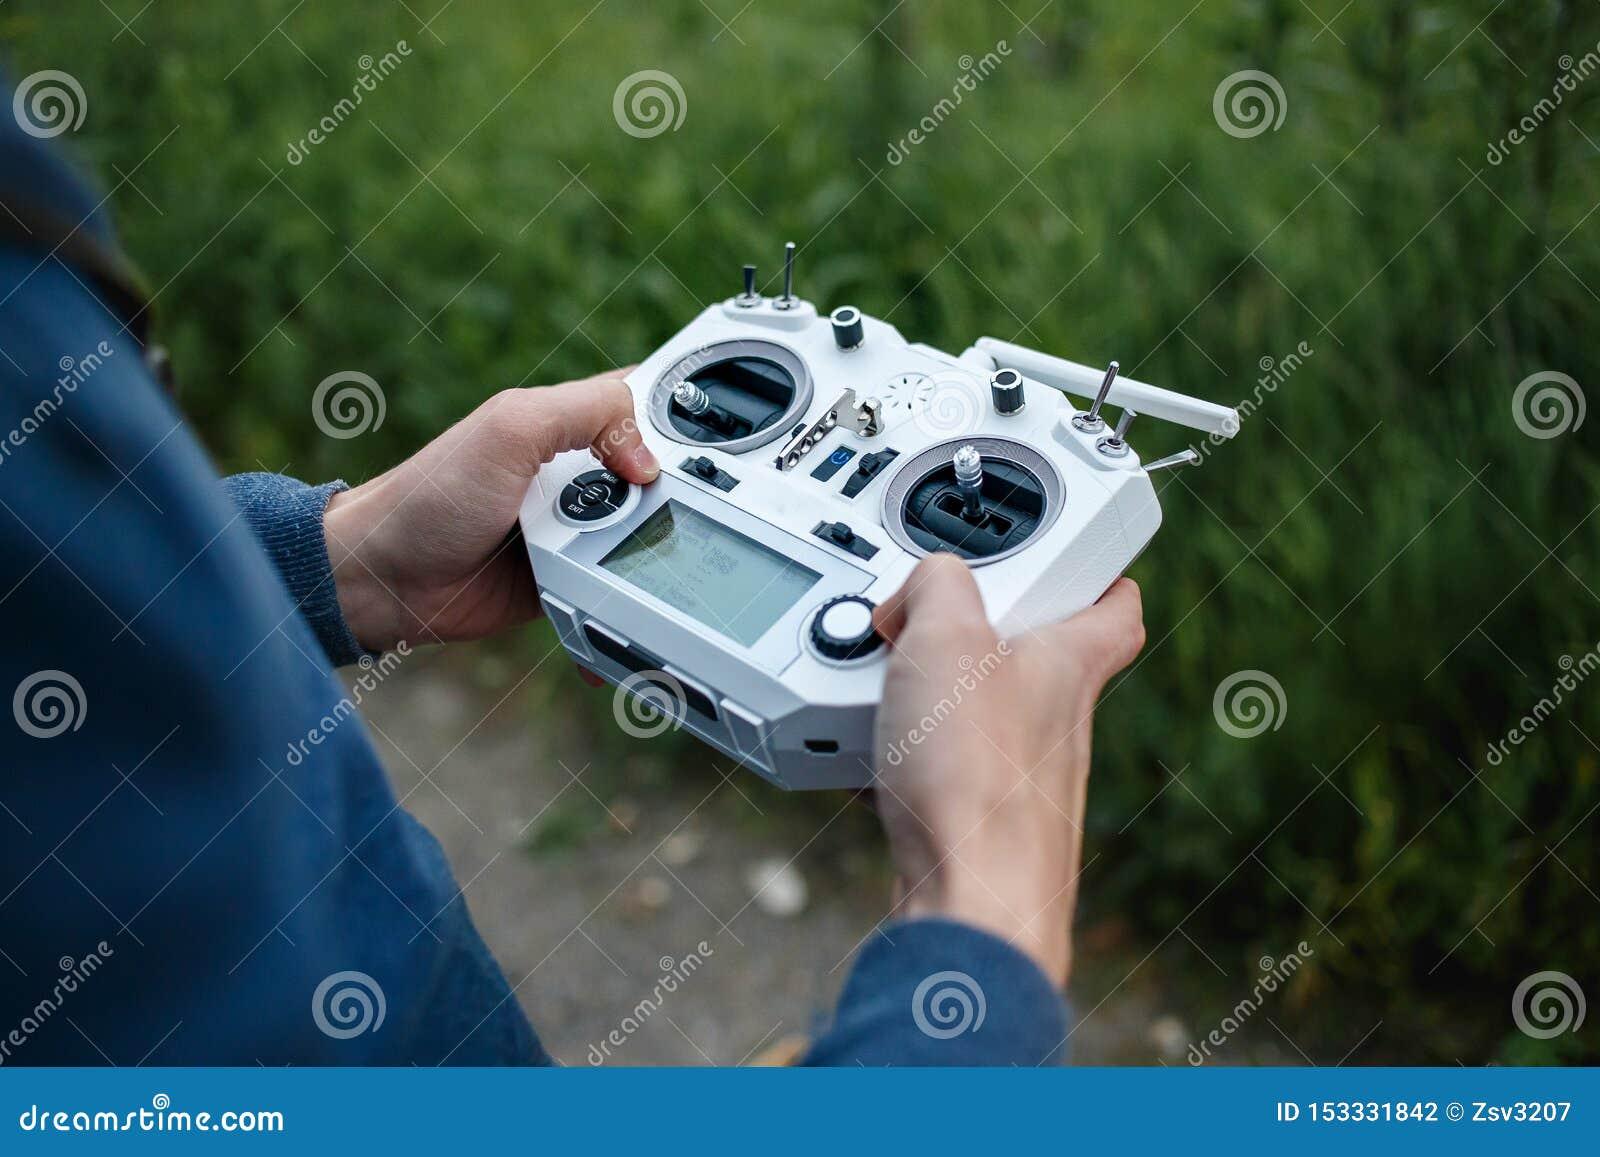 Fj?rrkontroll f?r quadrocopter, n?rbild S?ndare f?r att kontrollera den r?rande apparaten i manliga h?nder, suddig natur